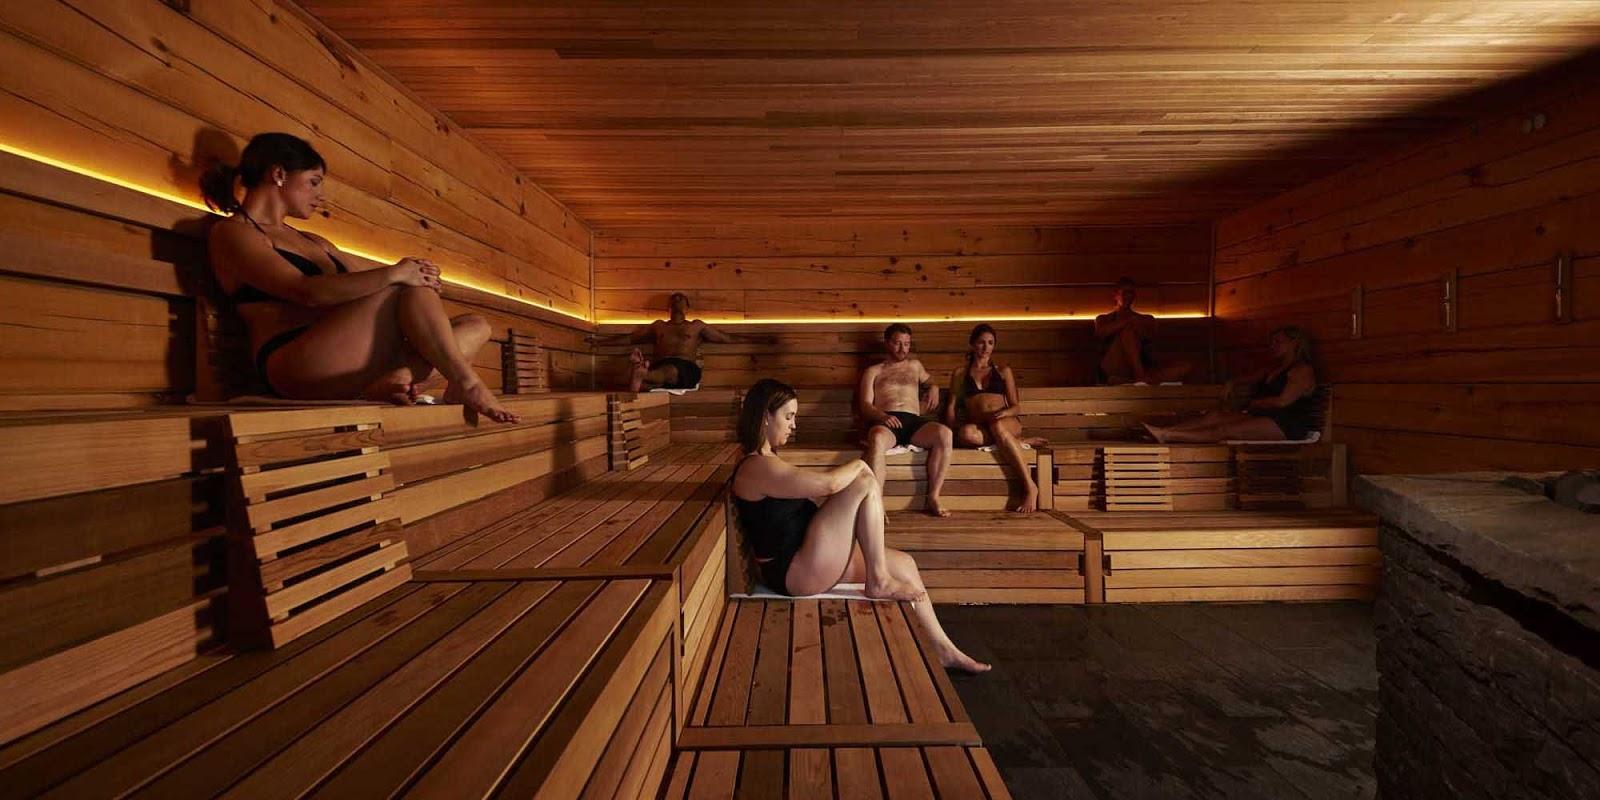 Фото зрелые баня, Частное фото сочных женщин в бане частное порно фото 12 фотография